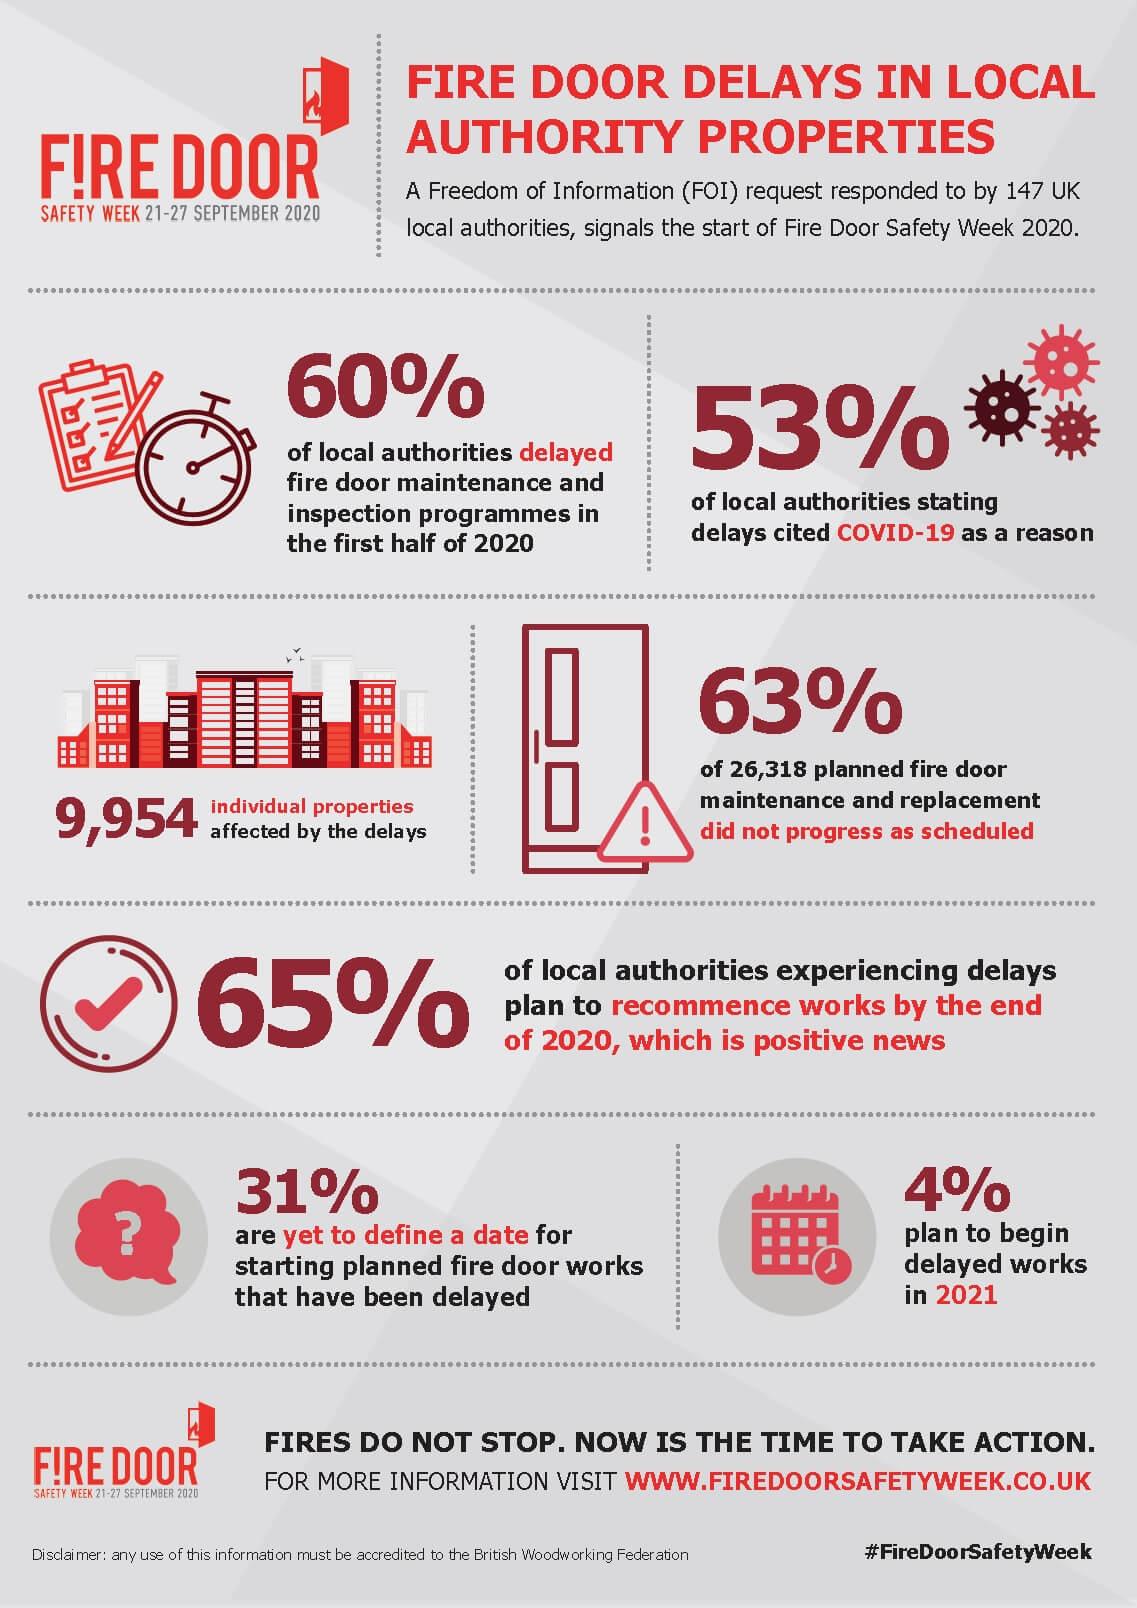 FDSW-Infographic